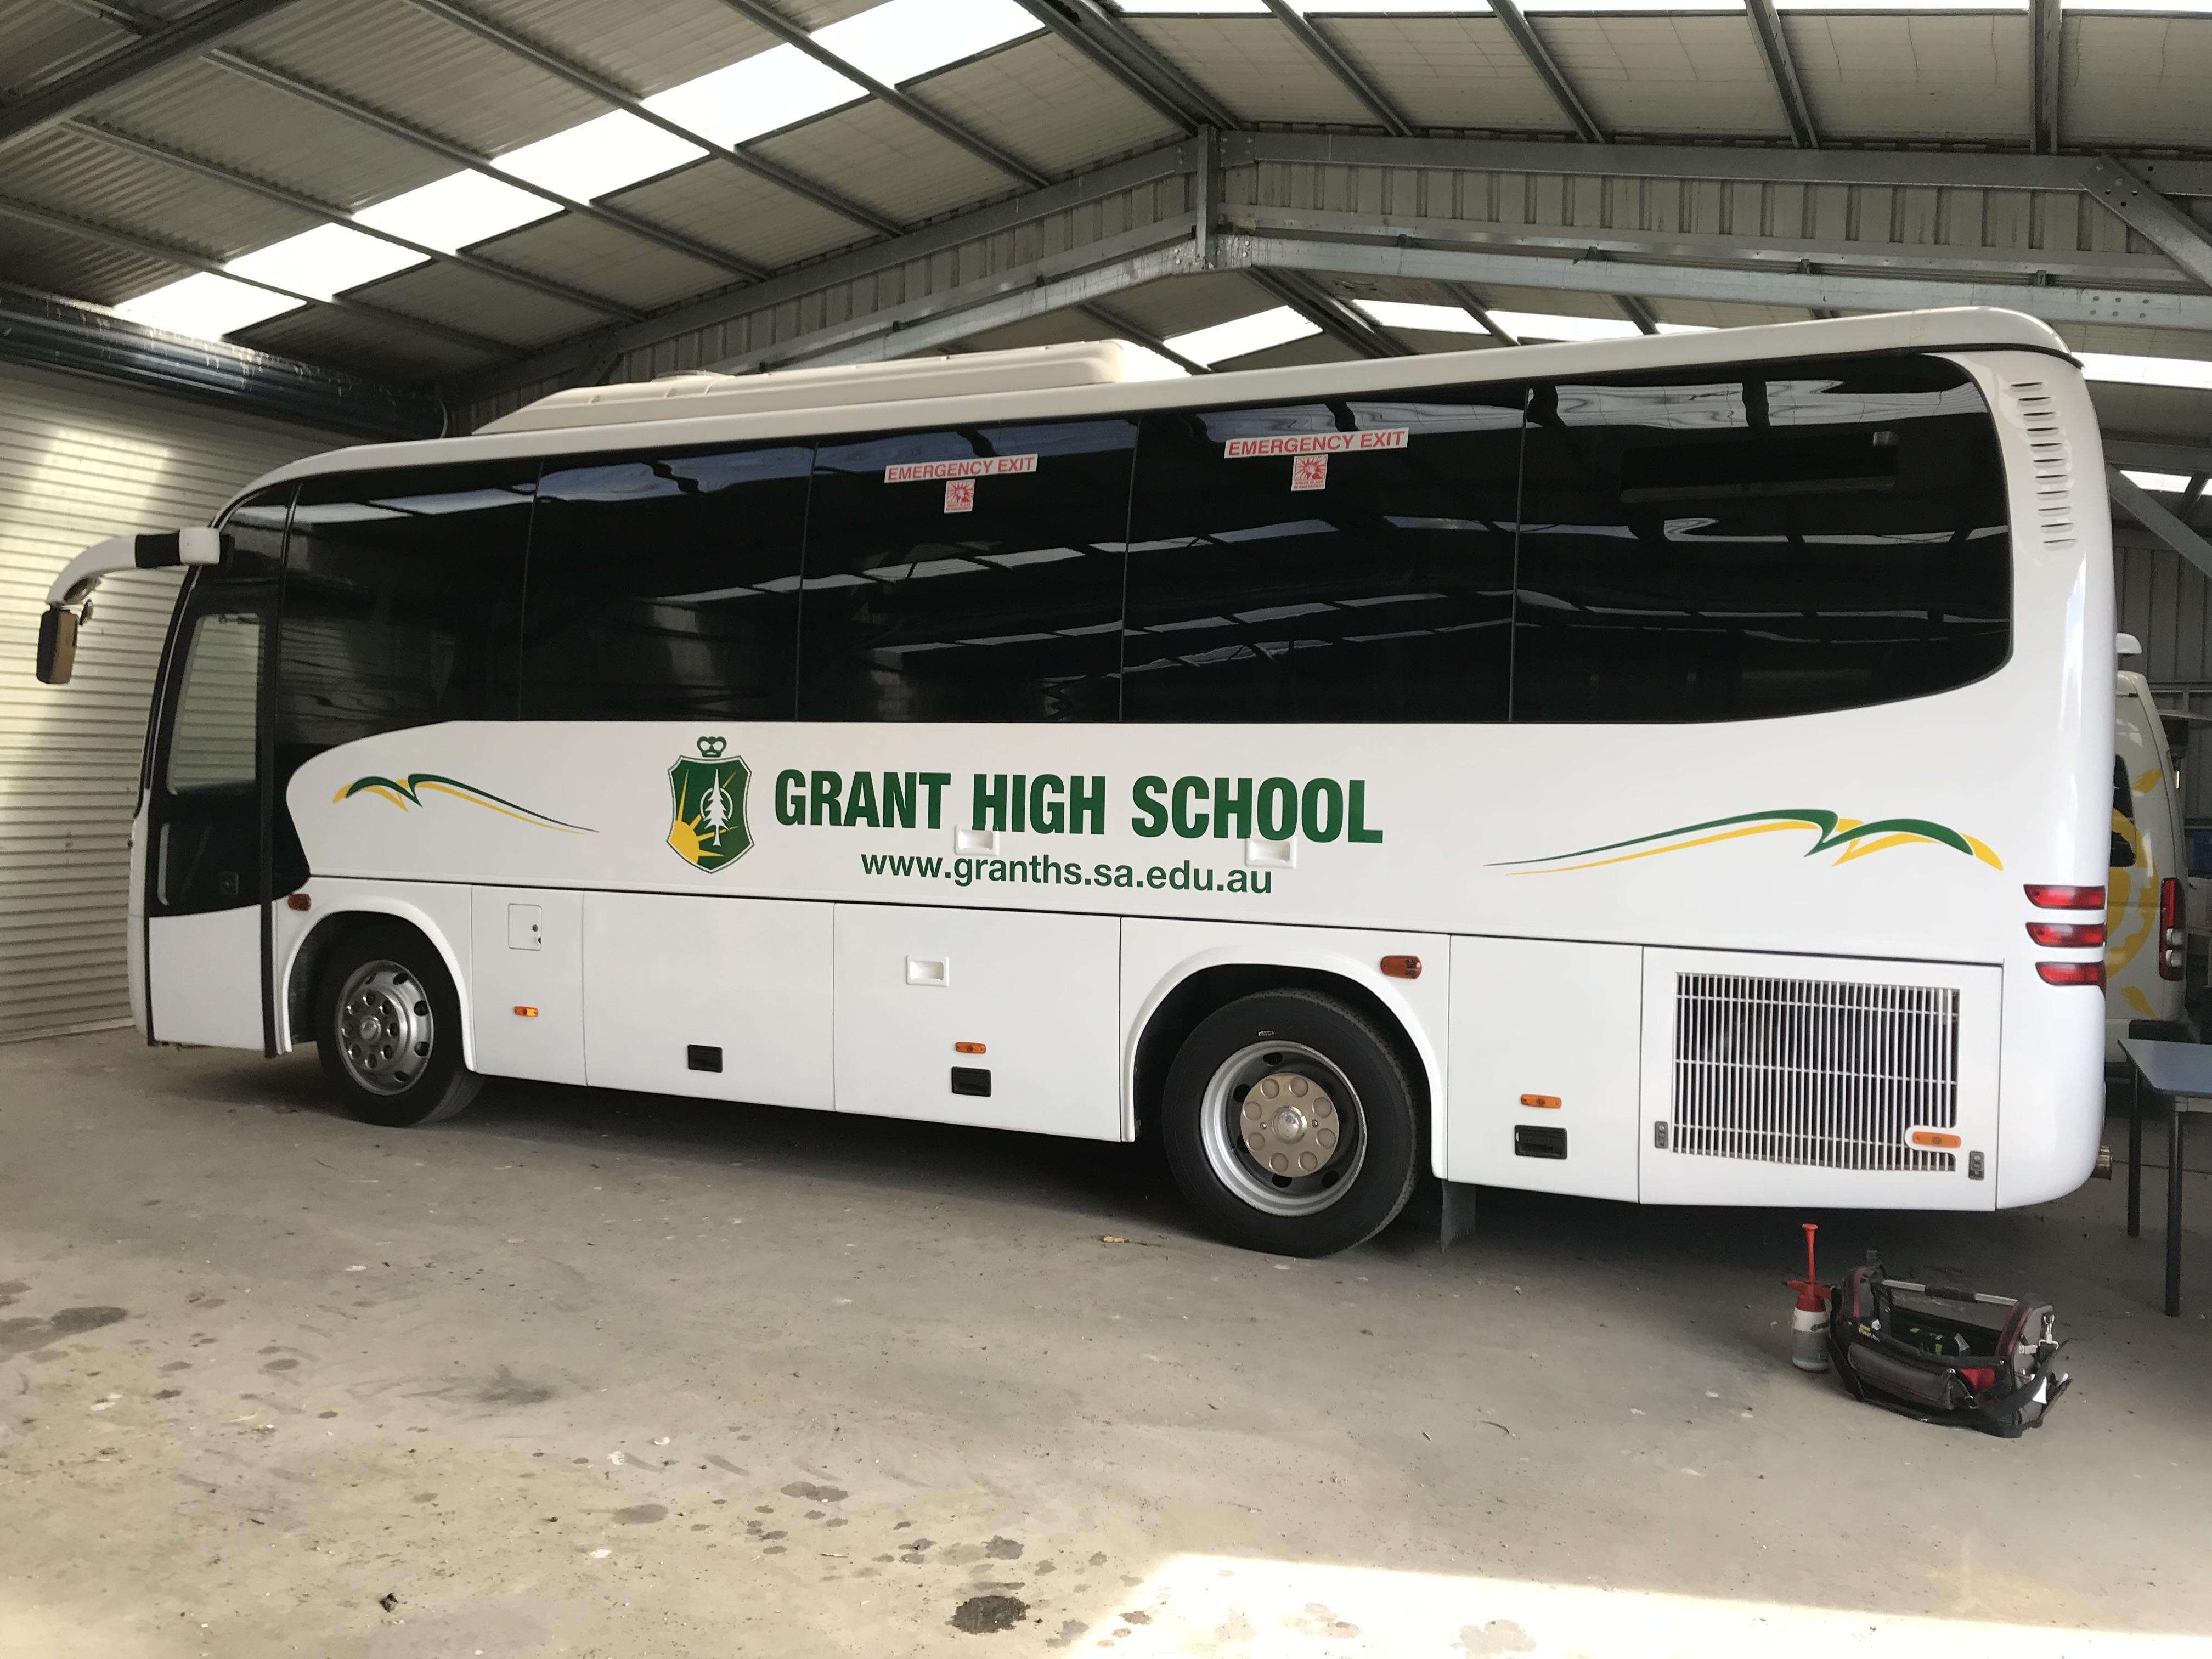 Grant High School Bus Side